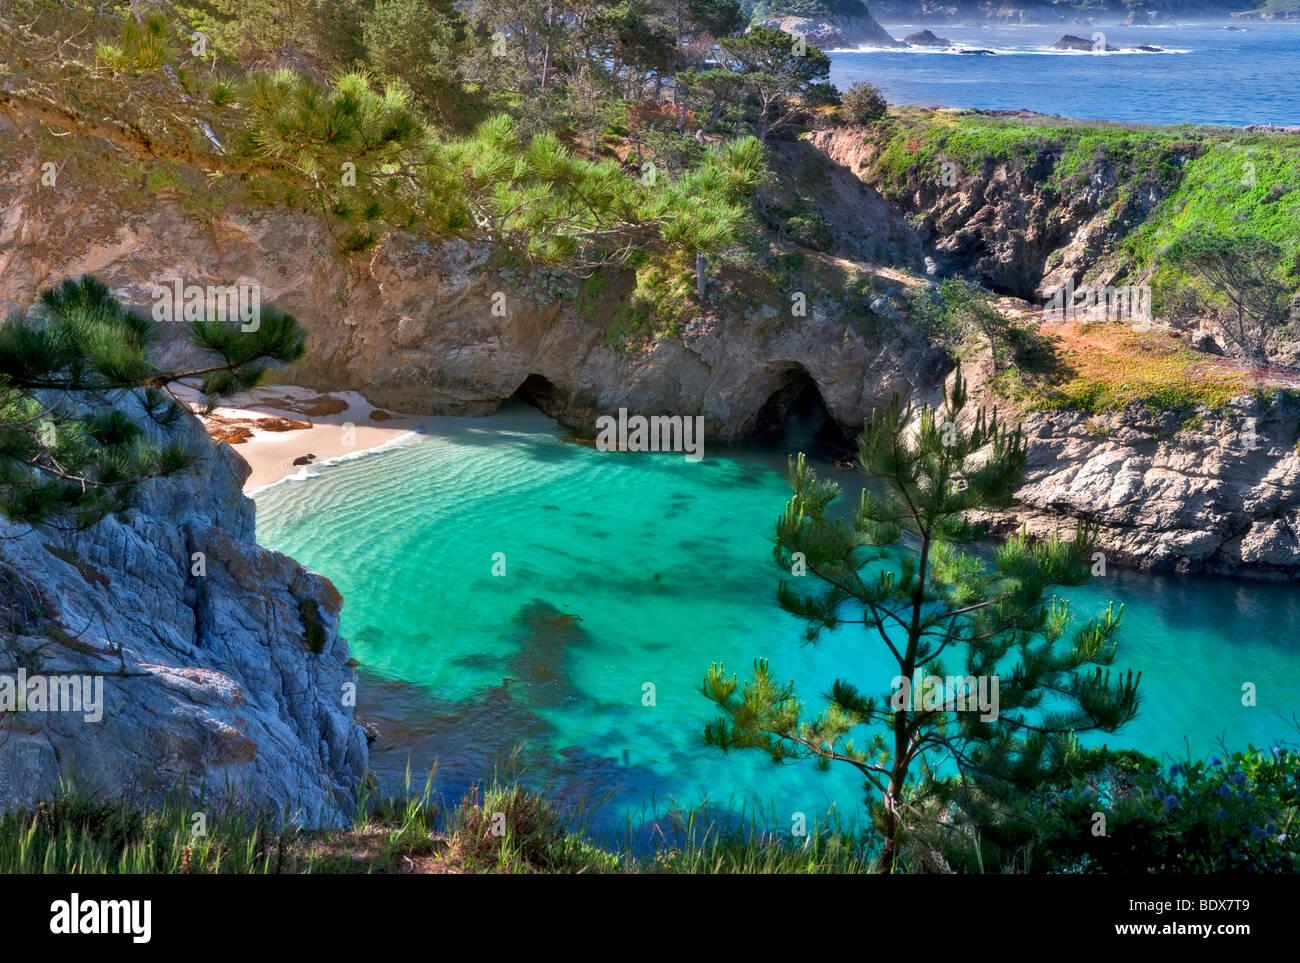 China Beach en Californie avec des phoques sur la plage. Point Lobos State Reserve, Californie Photo Stock